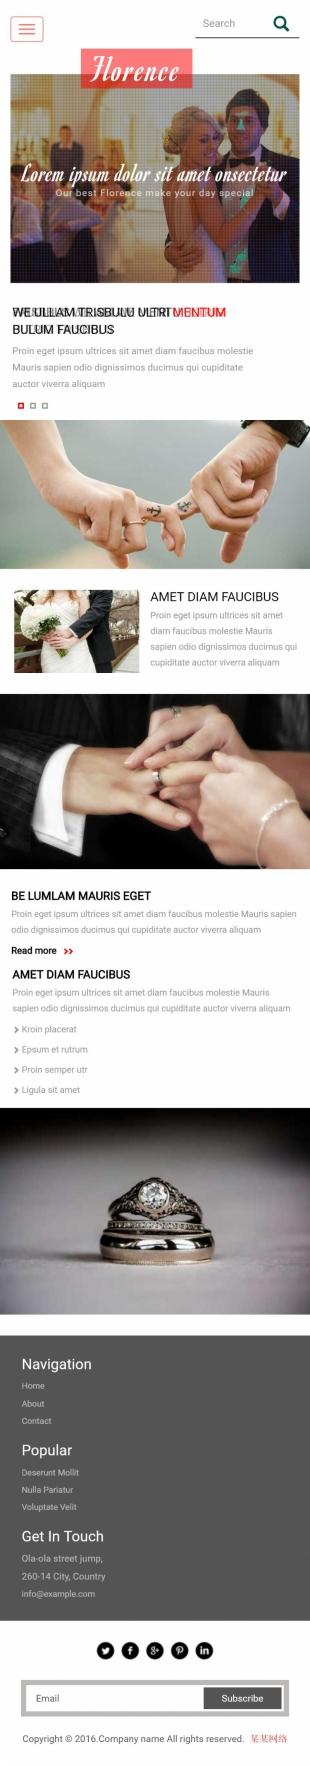 婚礼定制类英文网站制作模板手机图片